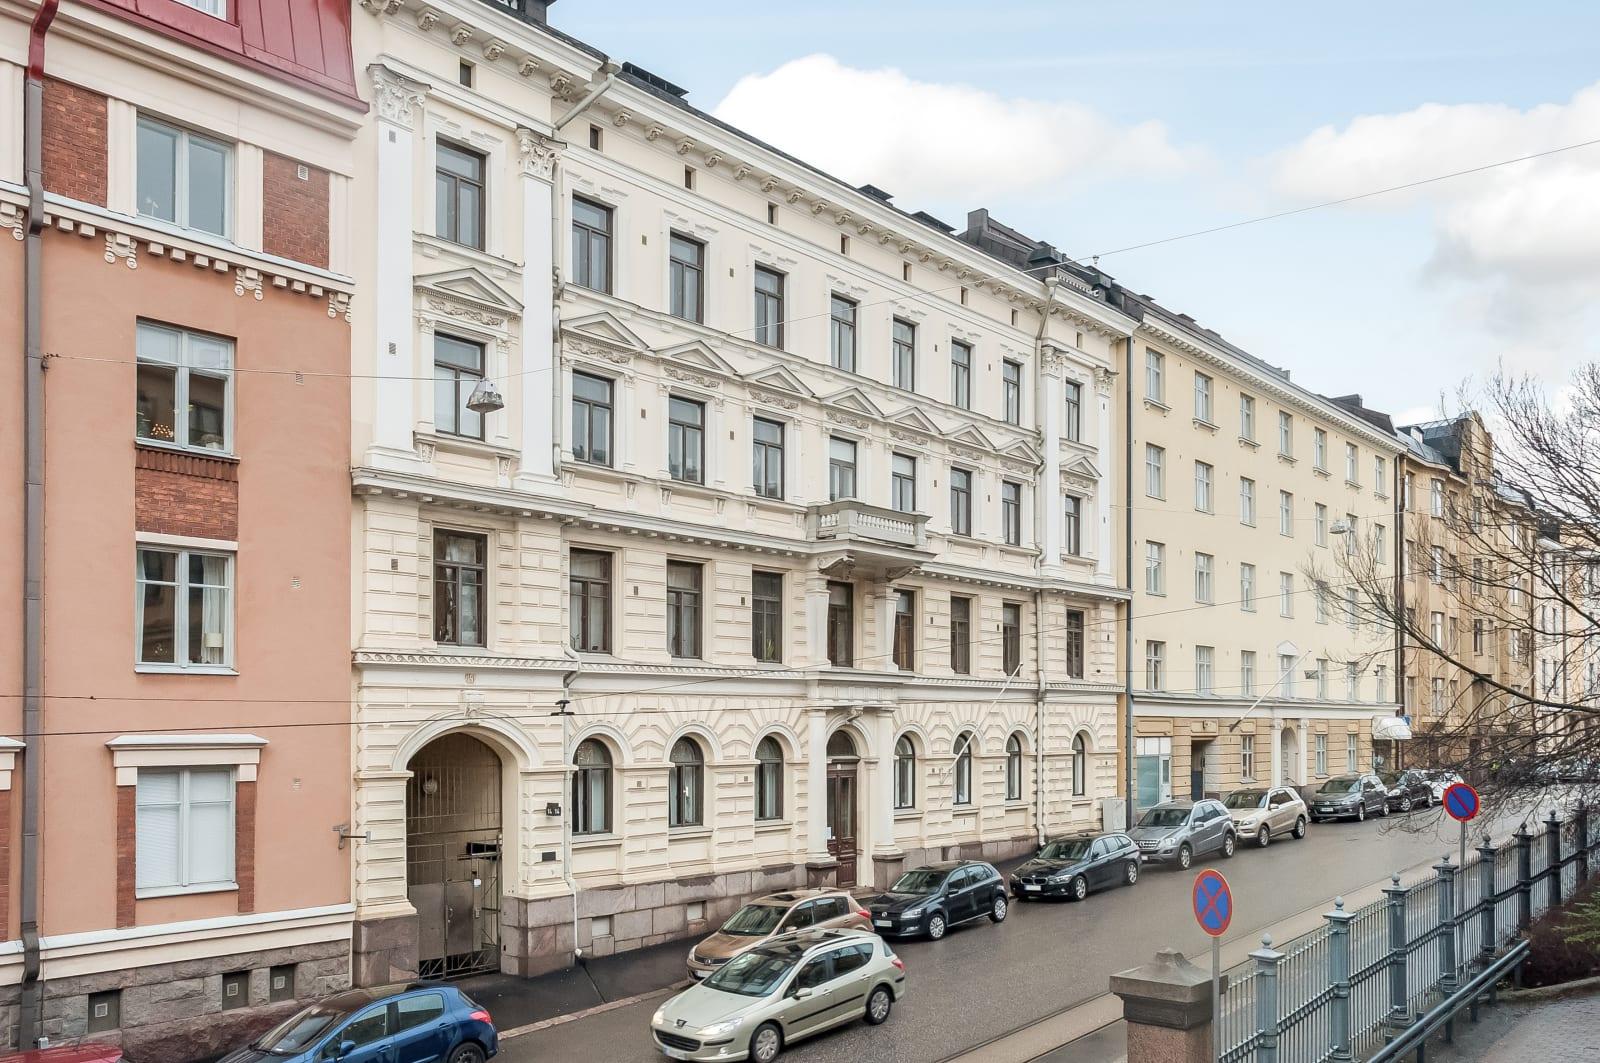 Helsinki, Kaartinkaupunki, Kasarmikatu 14